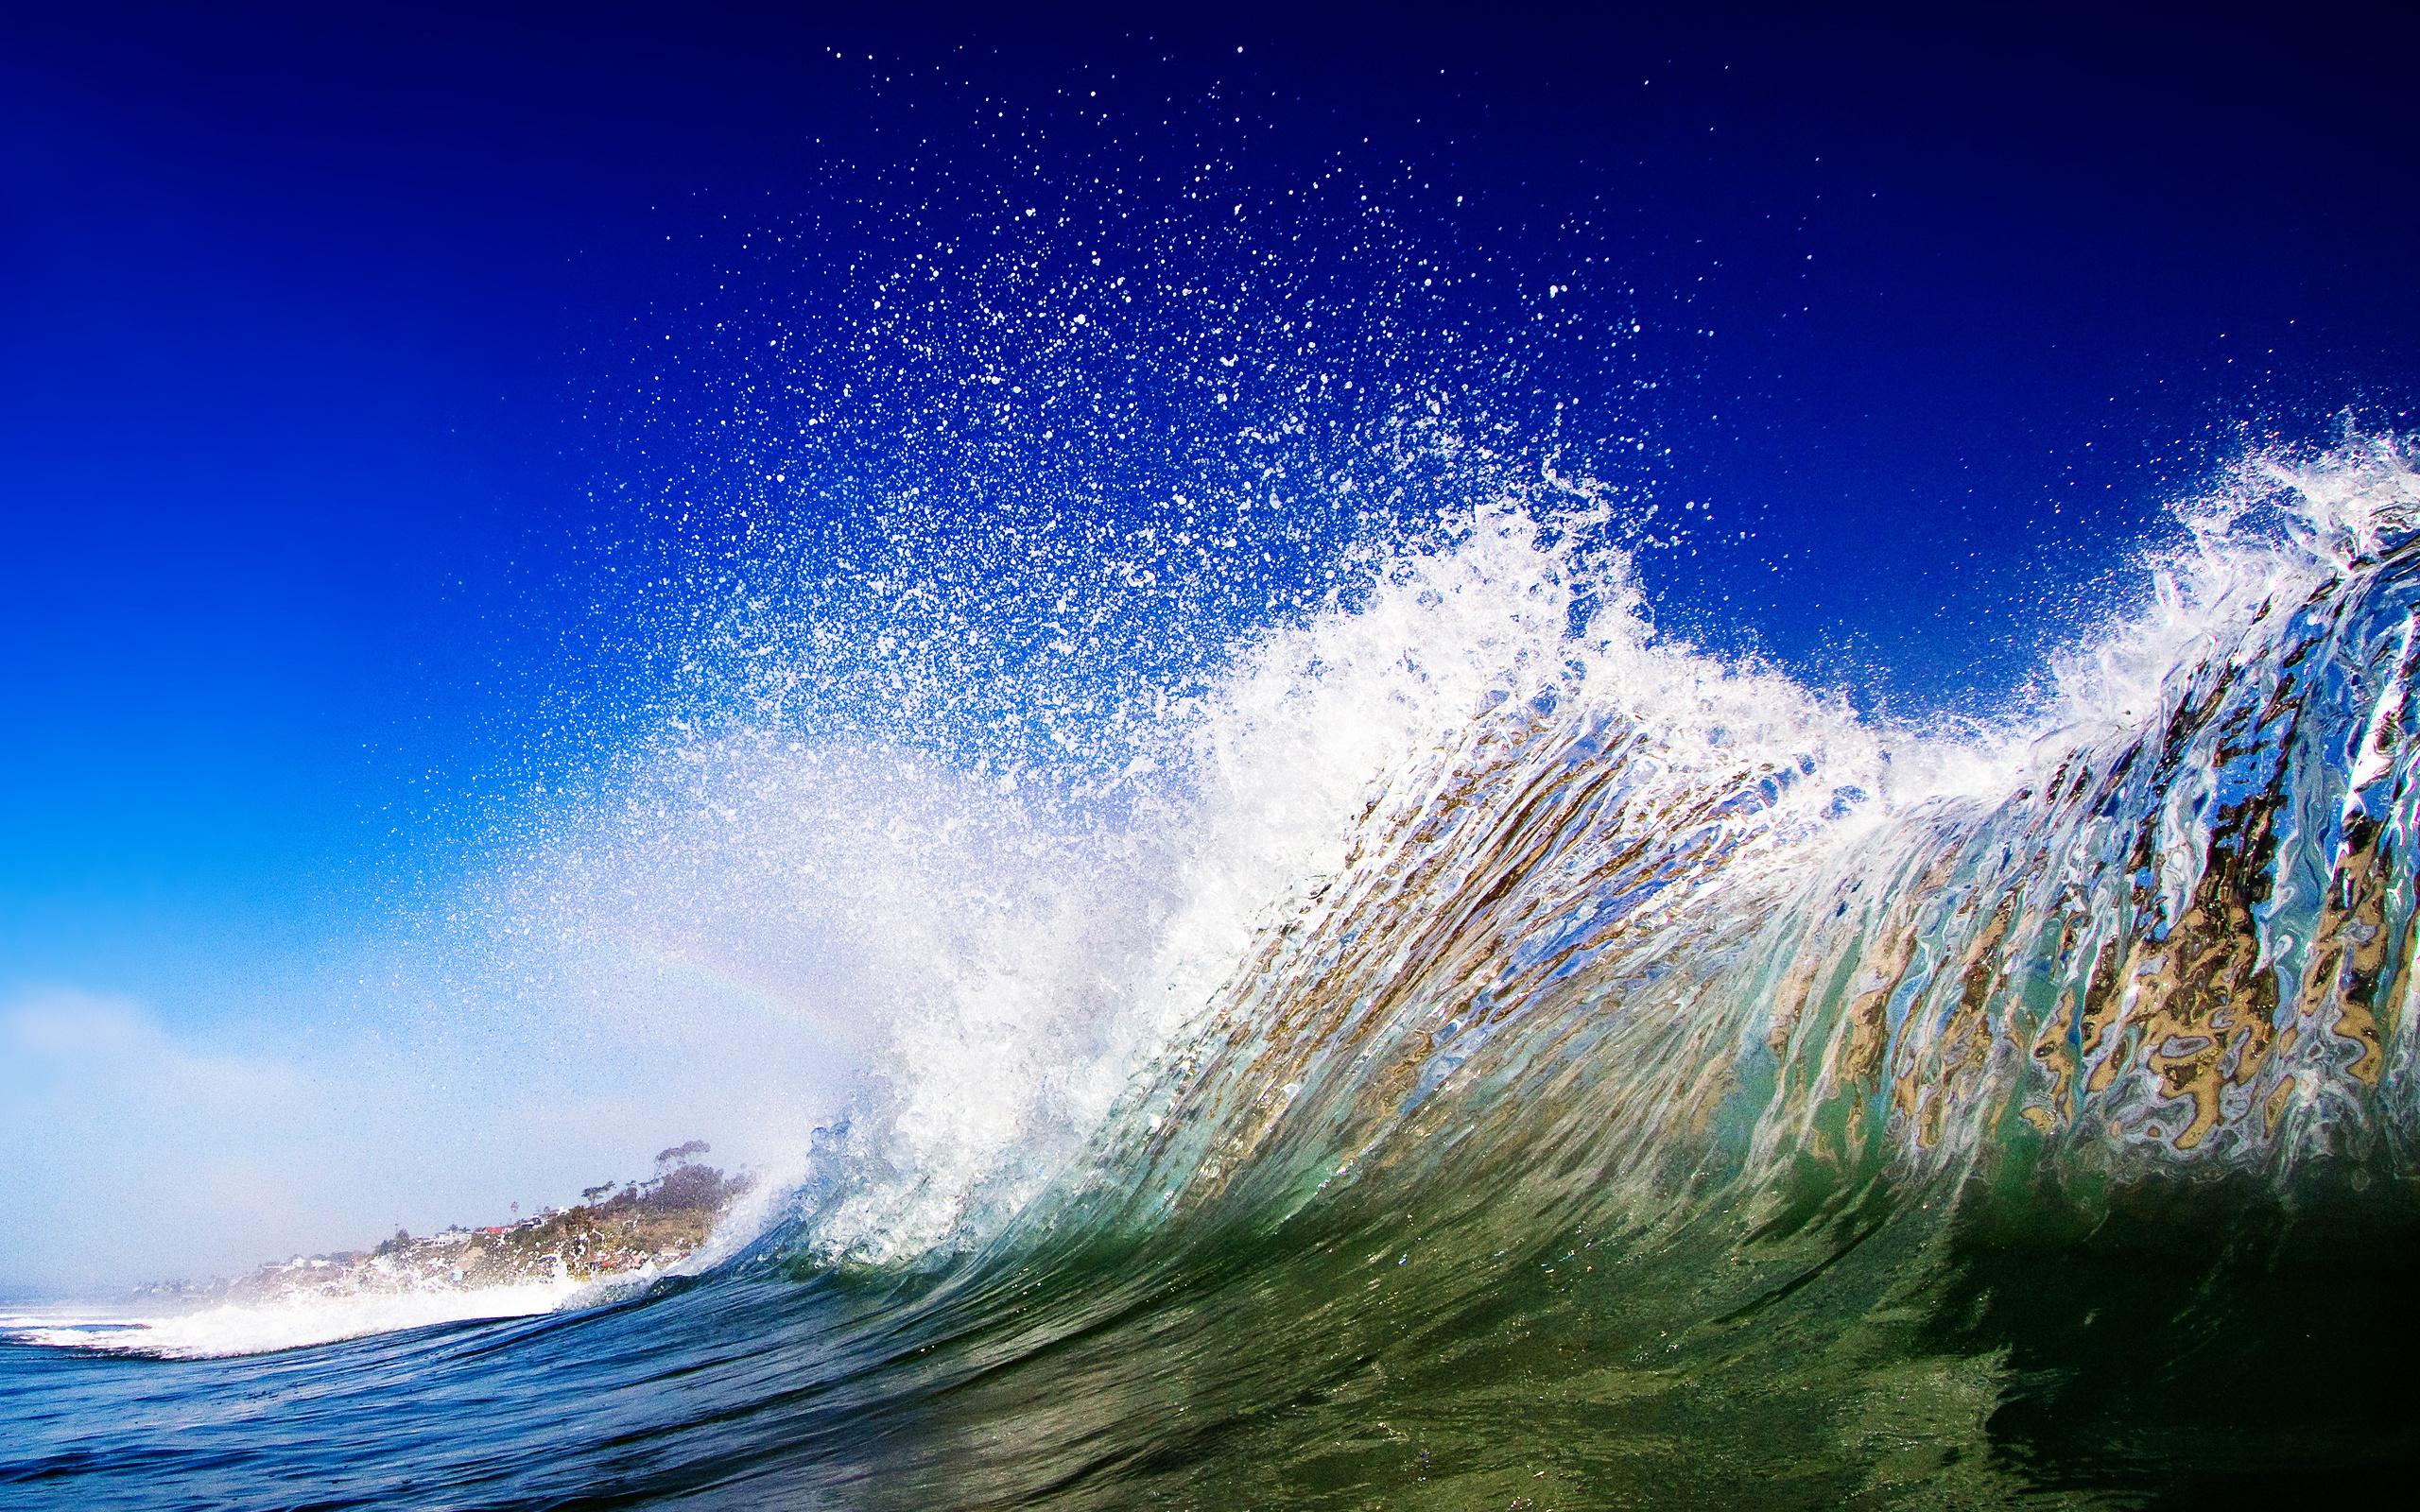 очень красивые картинки океана этих